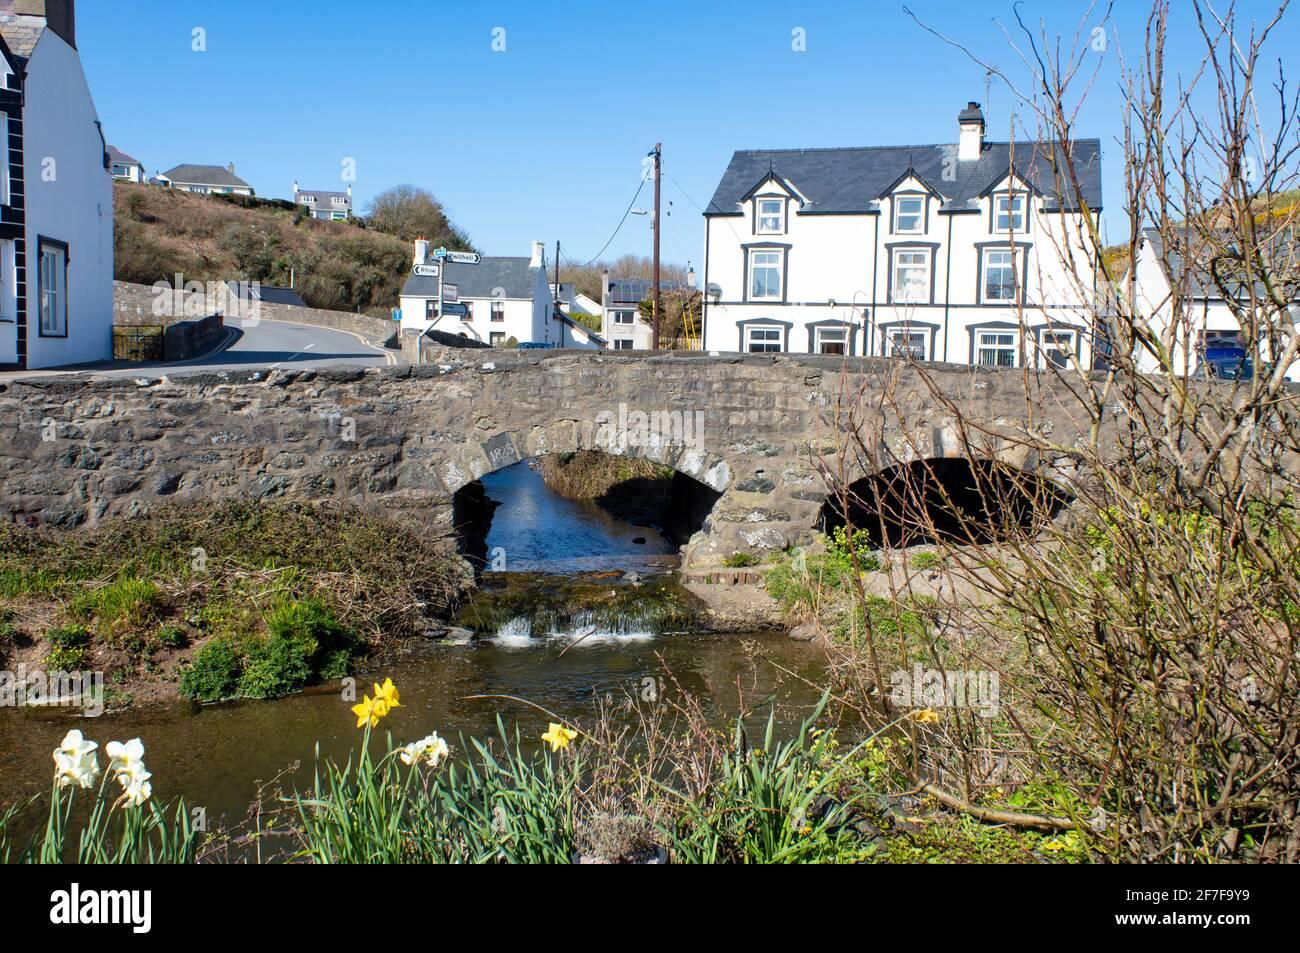 Aberdaron villaggio, Galles. Paesaggio con piccolo ponte di pietra su un ruscello. Piccola e affascinante località balneare. Foto Stock